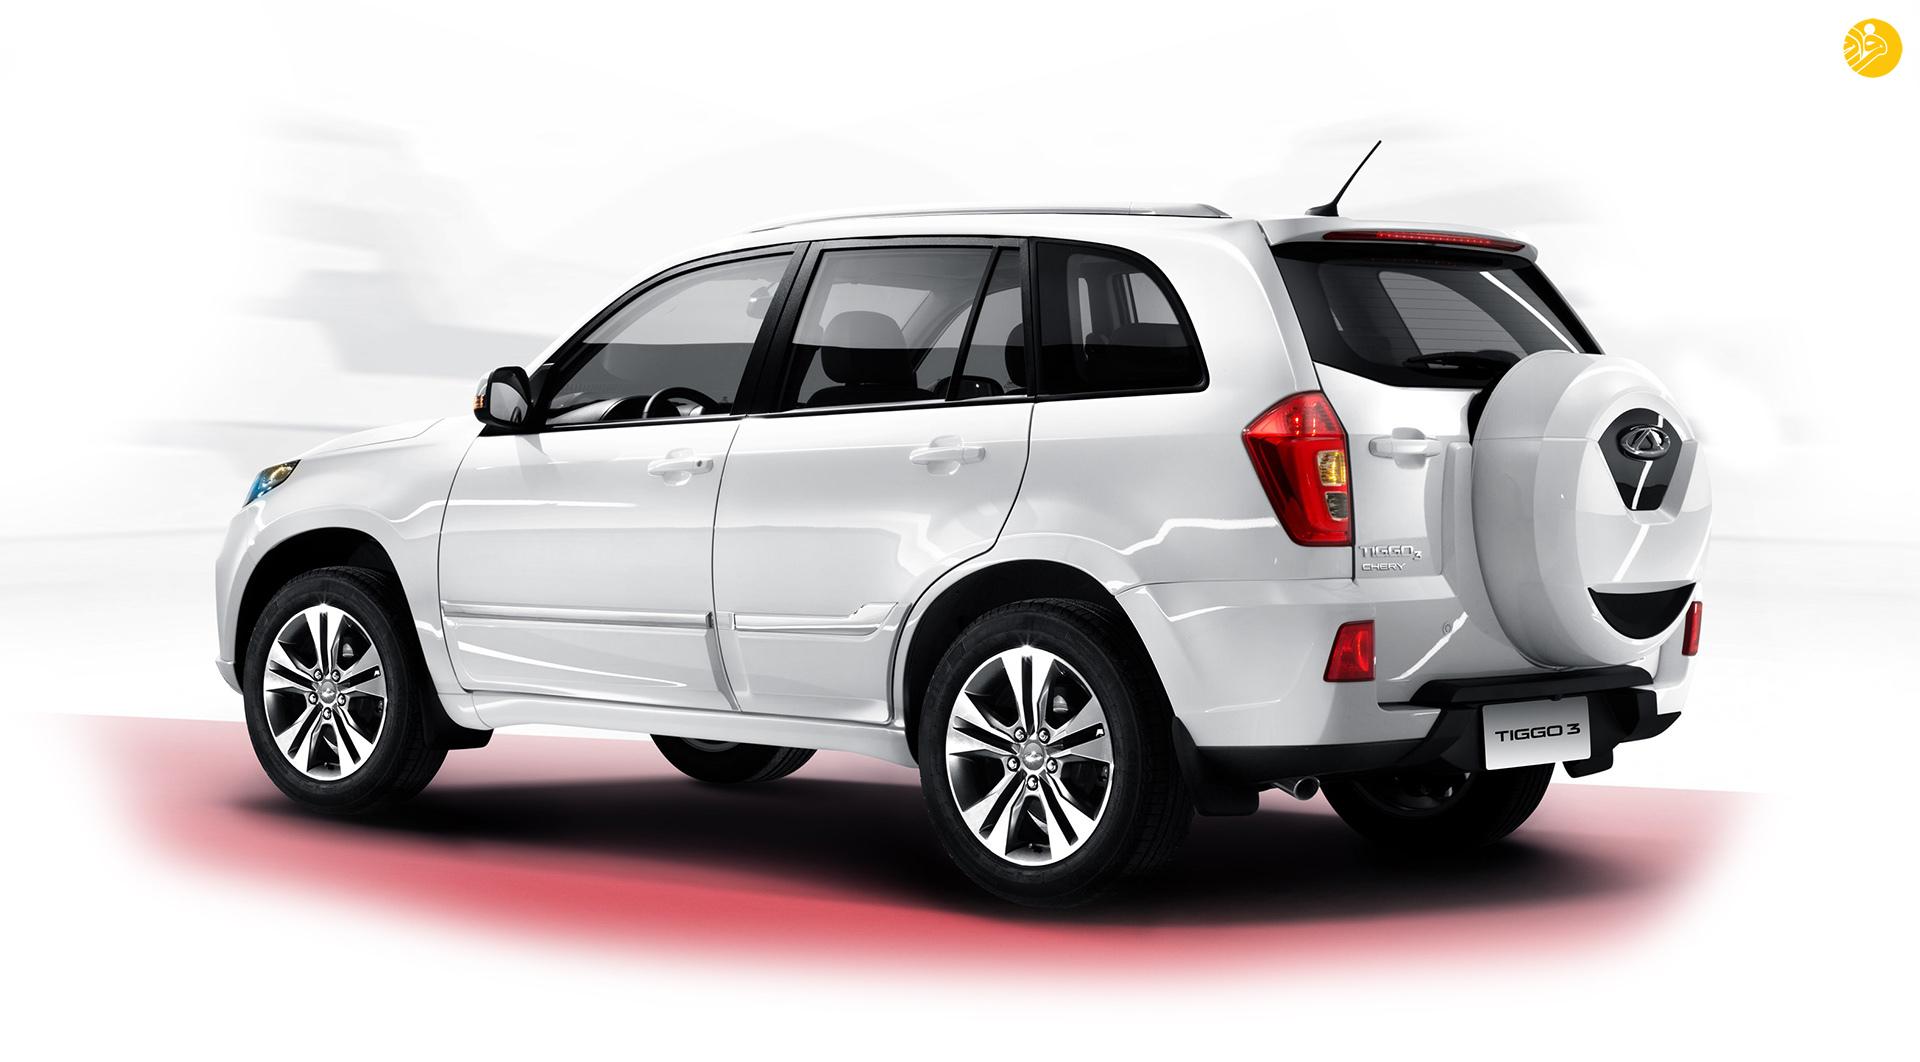 قیمت روز خودرو یکشنبه ۲۸ مهر؛ افزایش قیمت خودروهای سایپا از سر گرفته شد